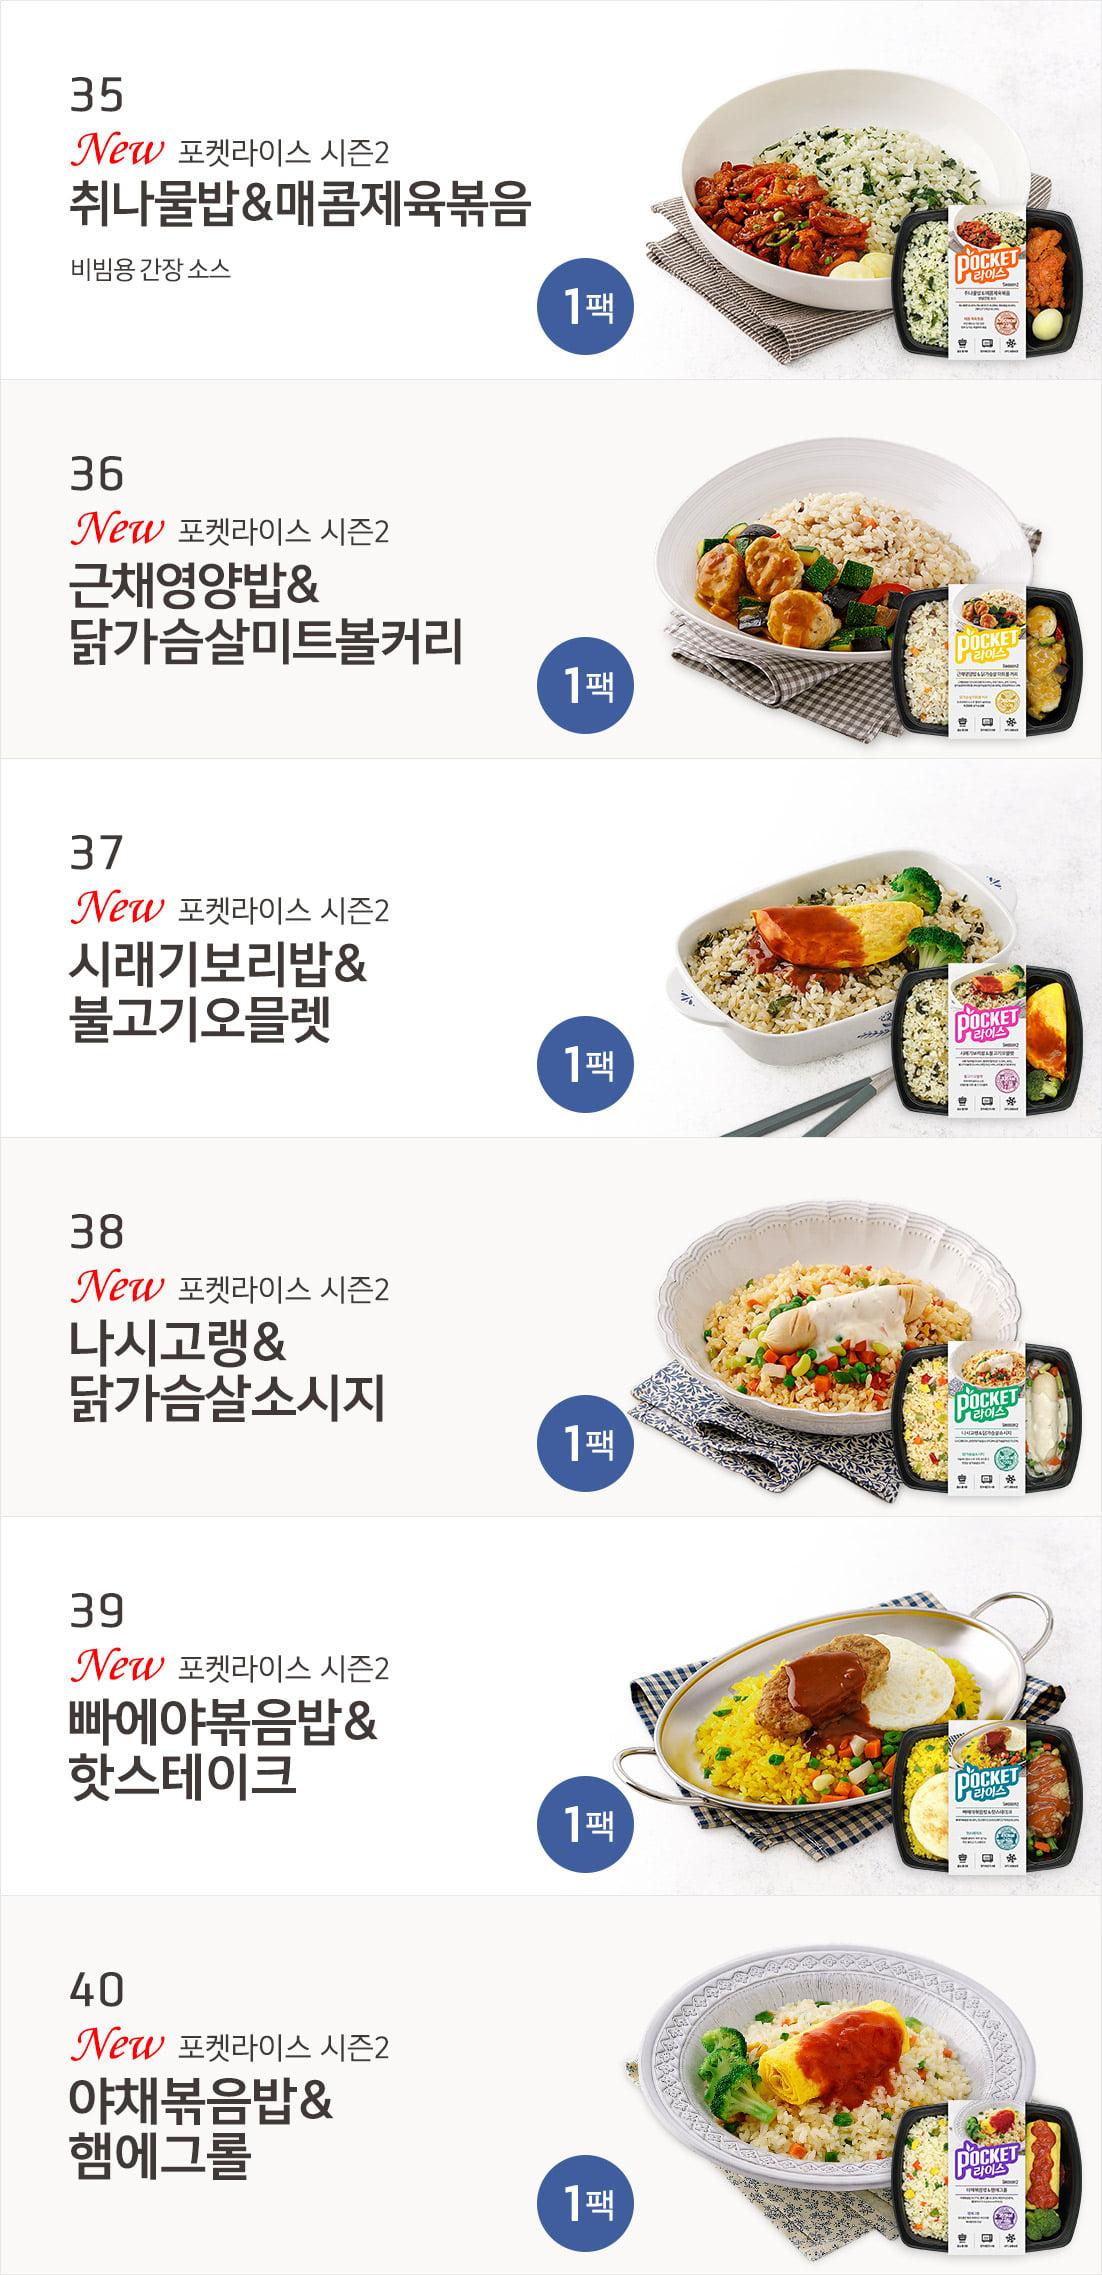 전체상품맛보기_옵션박스3